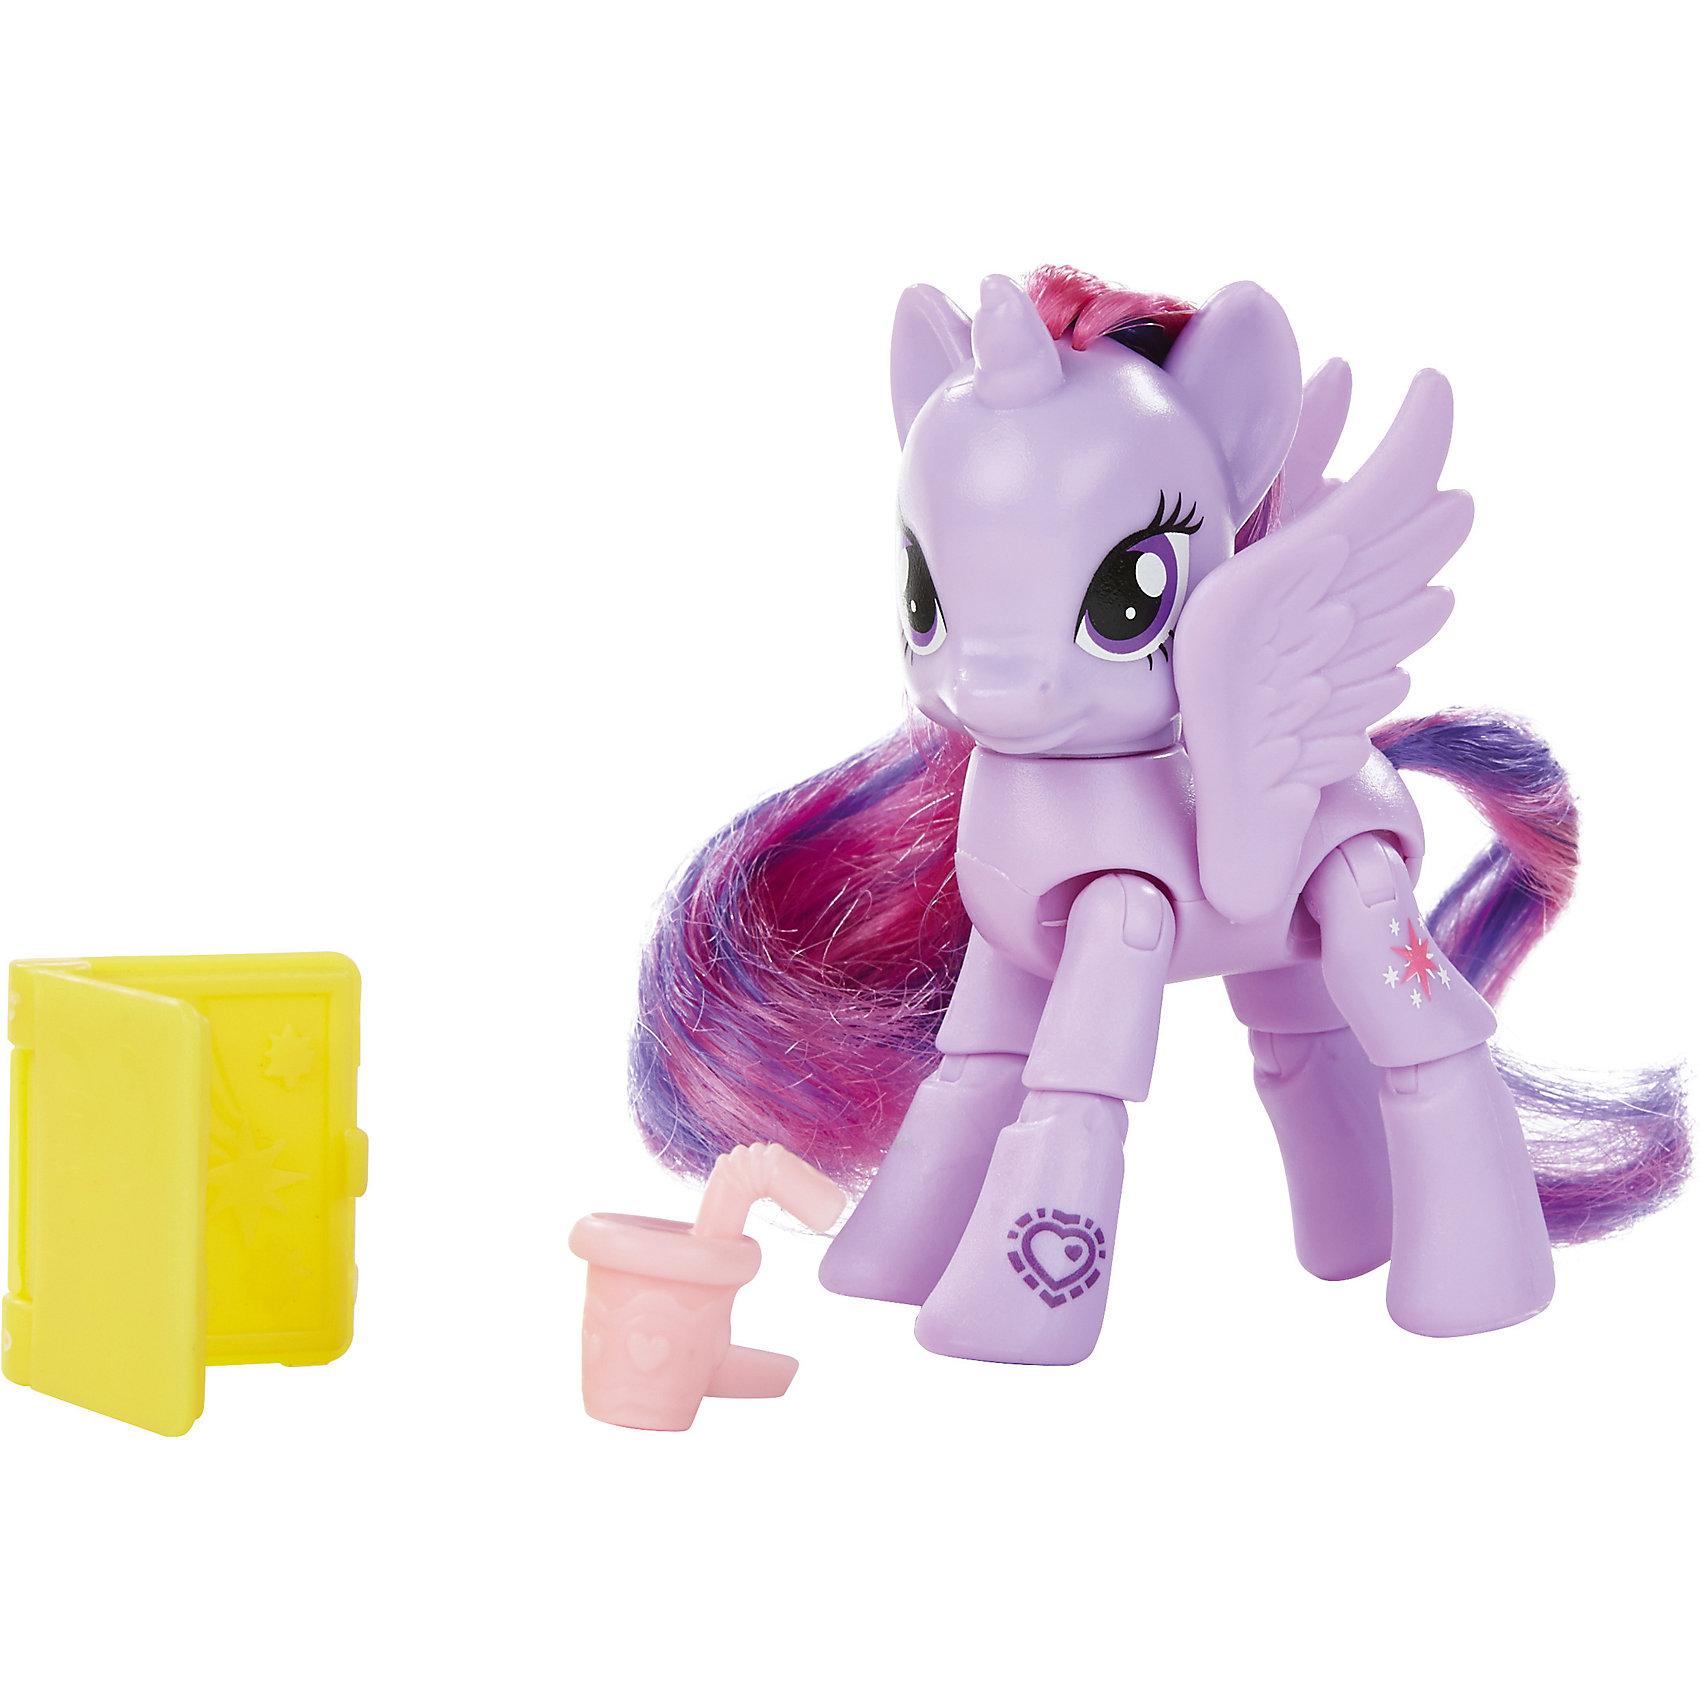 принце-сса-твайлайт-спаркл-дружба-это-чудо-my-little-pony